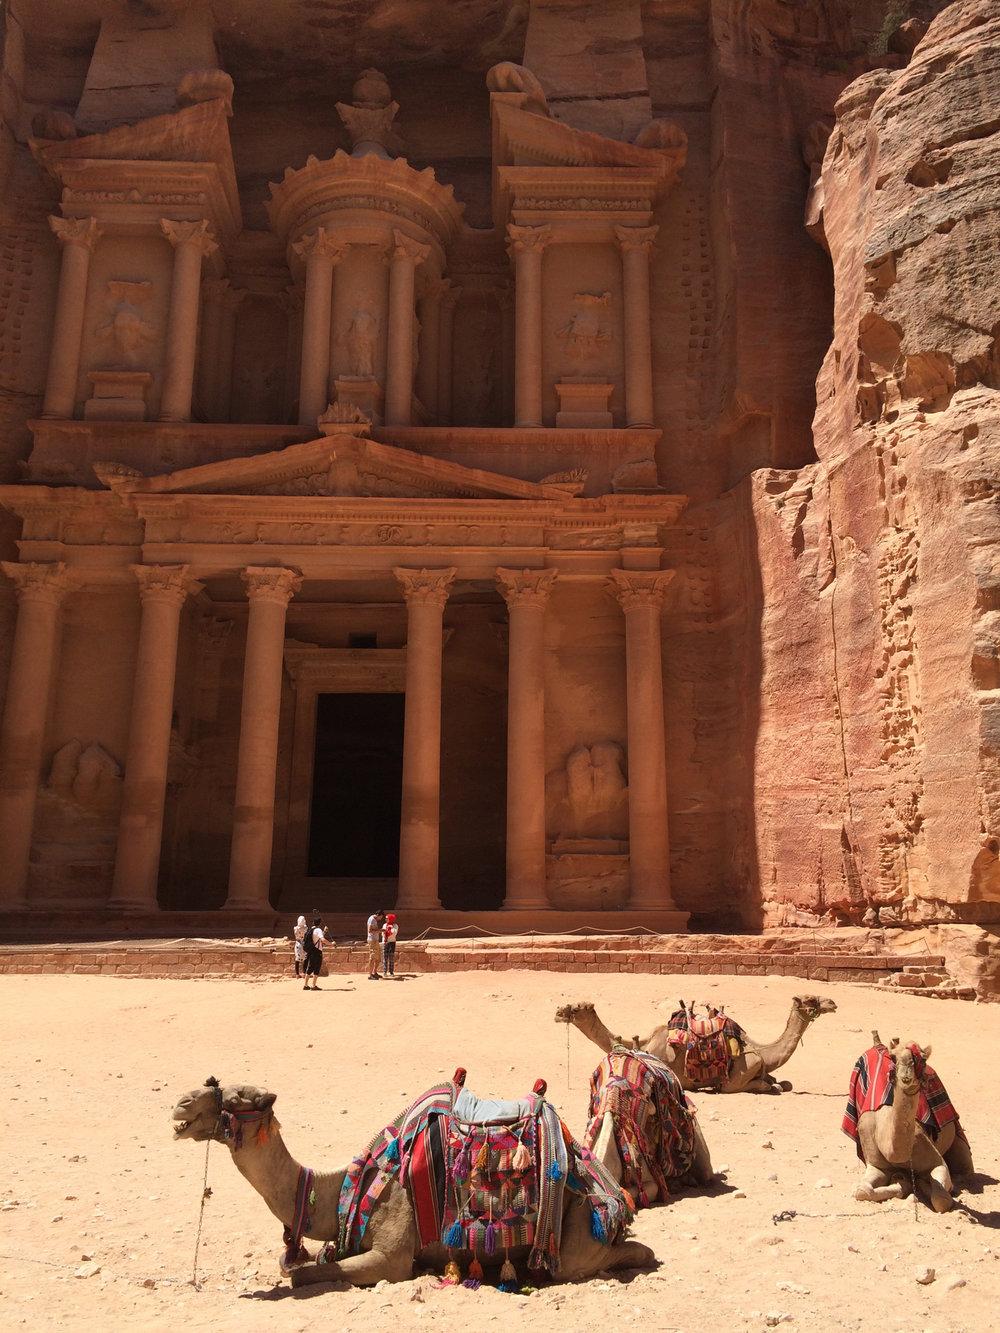 Na dalszą część wycieczki wynająć można osiołka lub wielbłąda